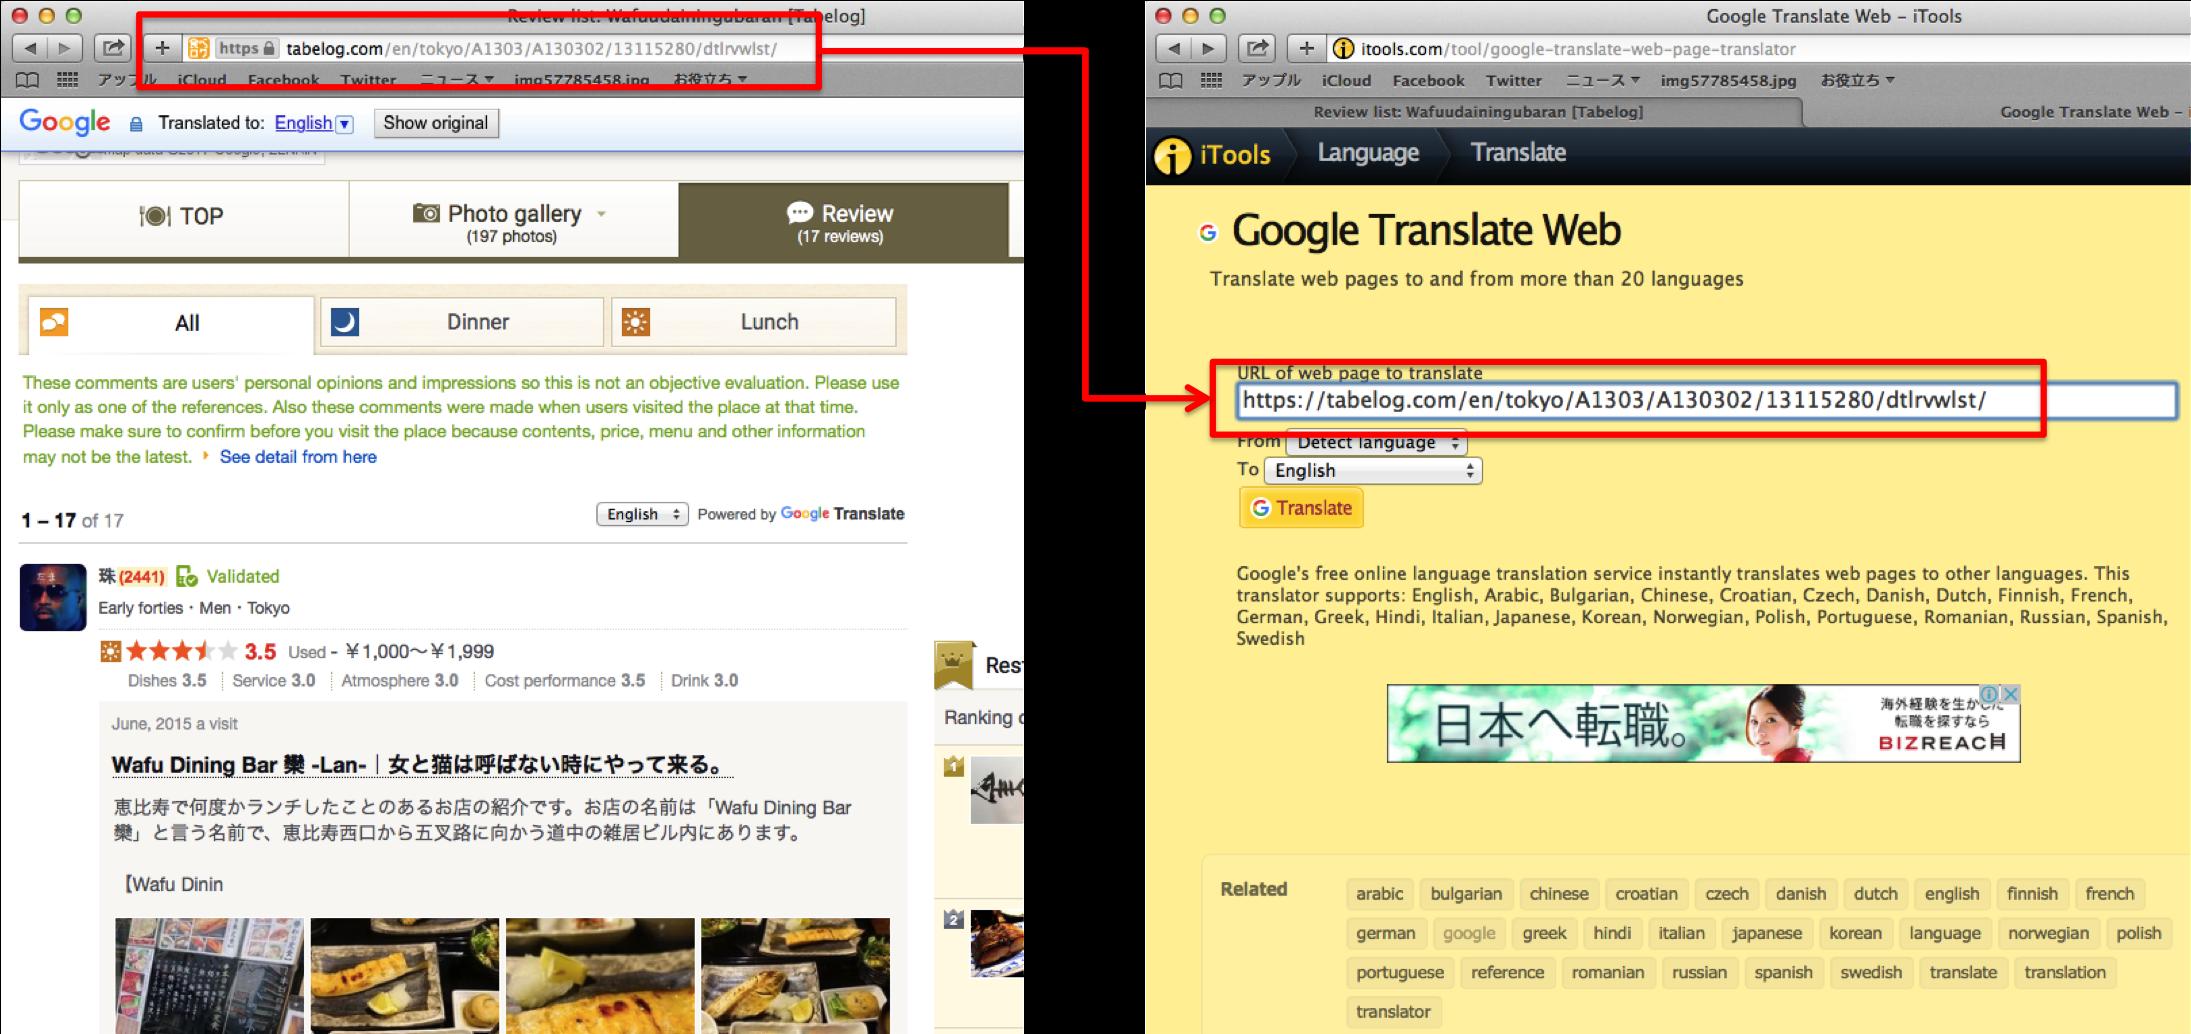 Itools translate